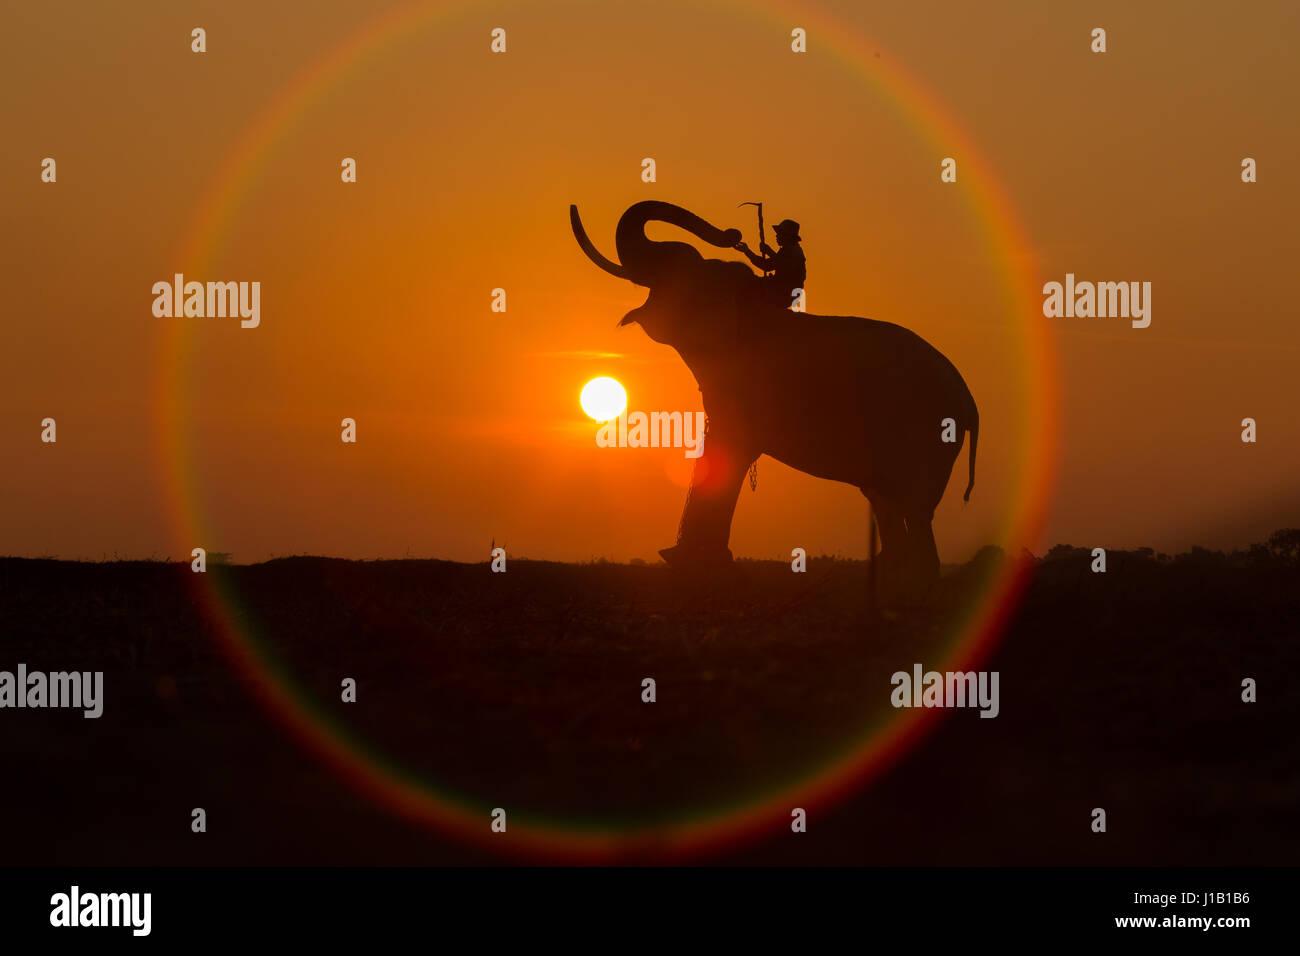 Silueta elefante en el círculo del sol. Es una forma de vida en Tailandia. Imagen De Stock